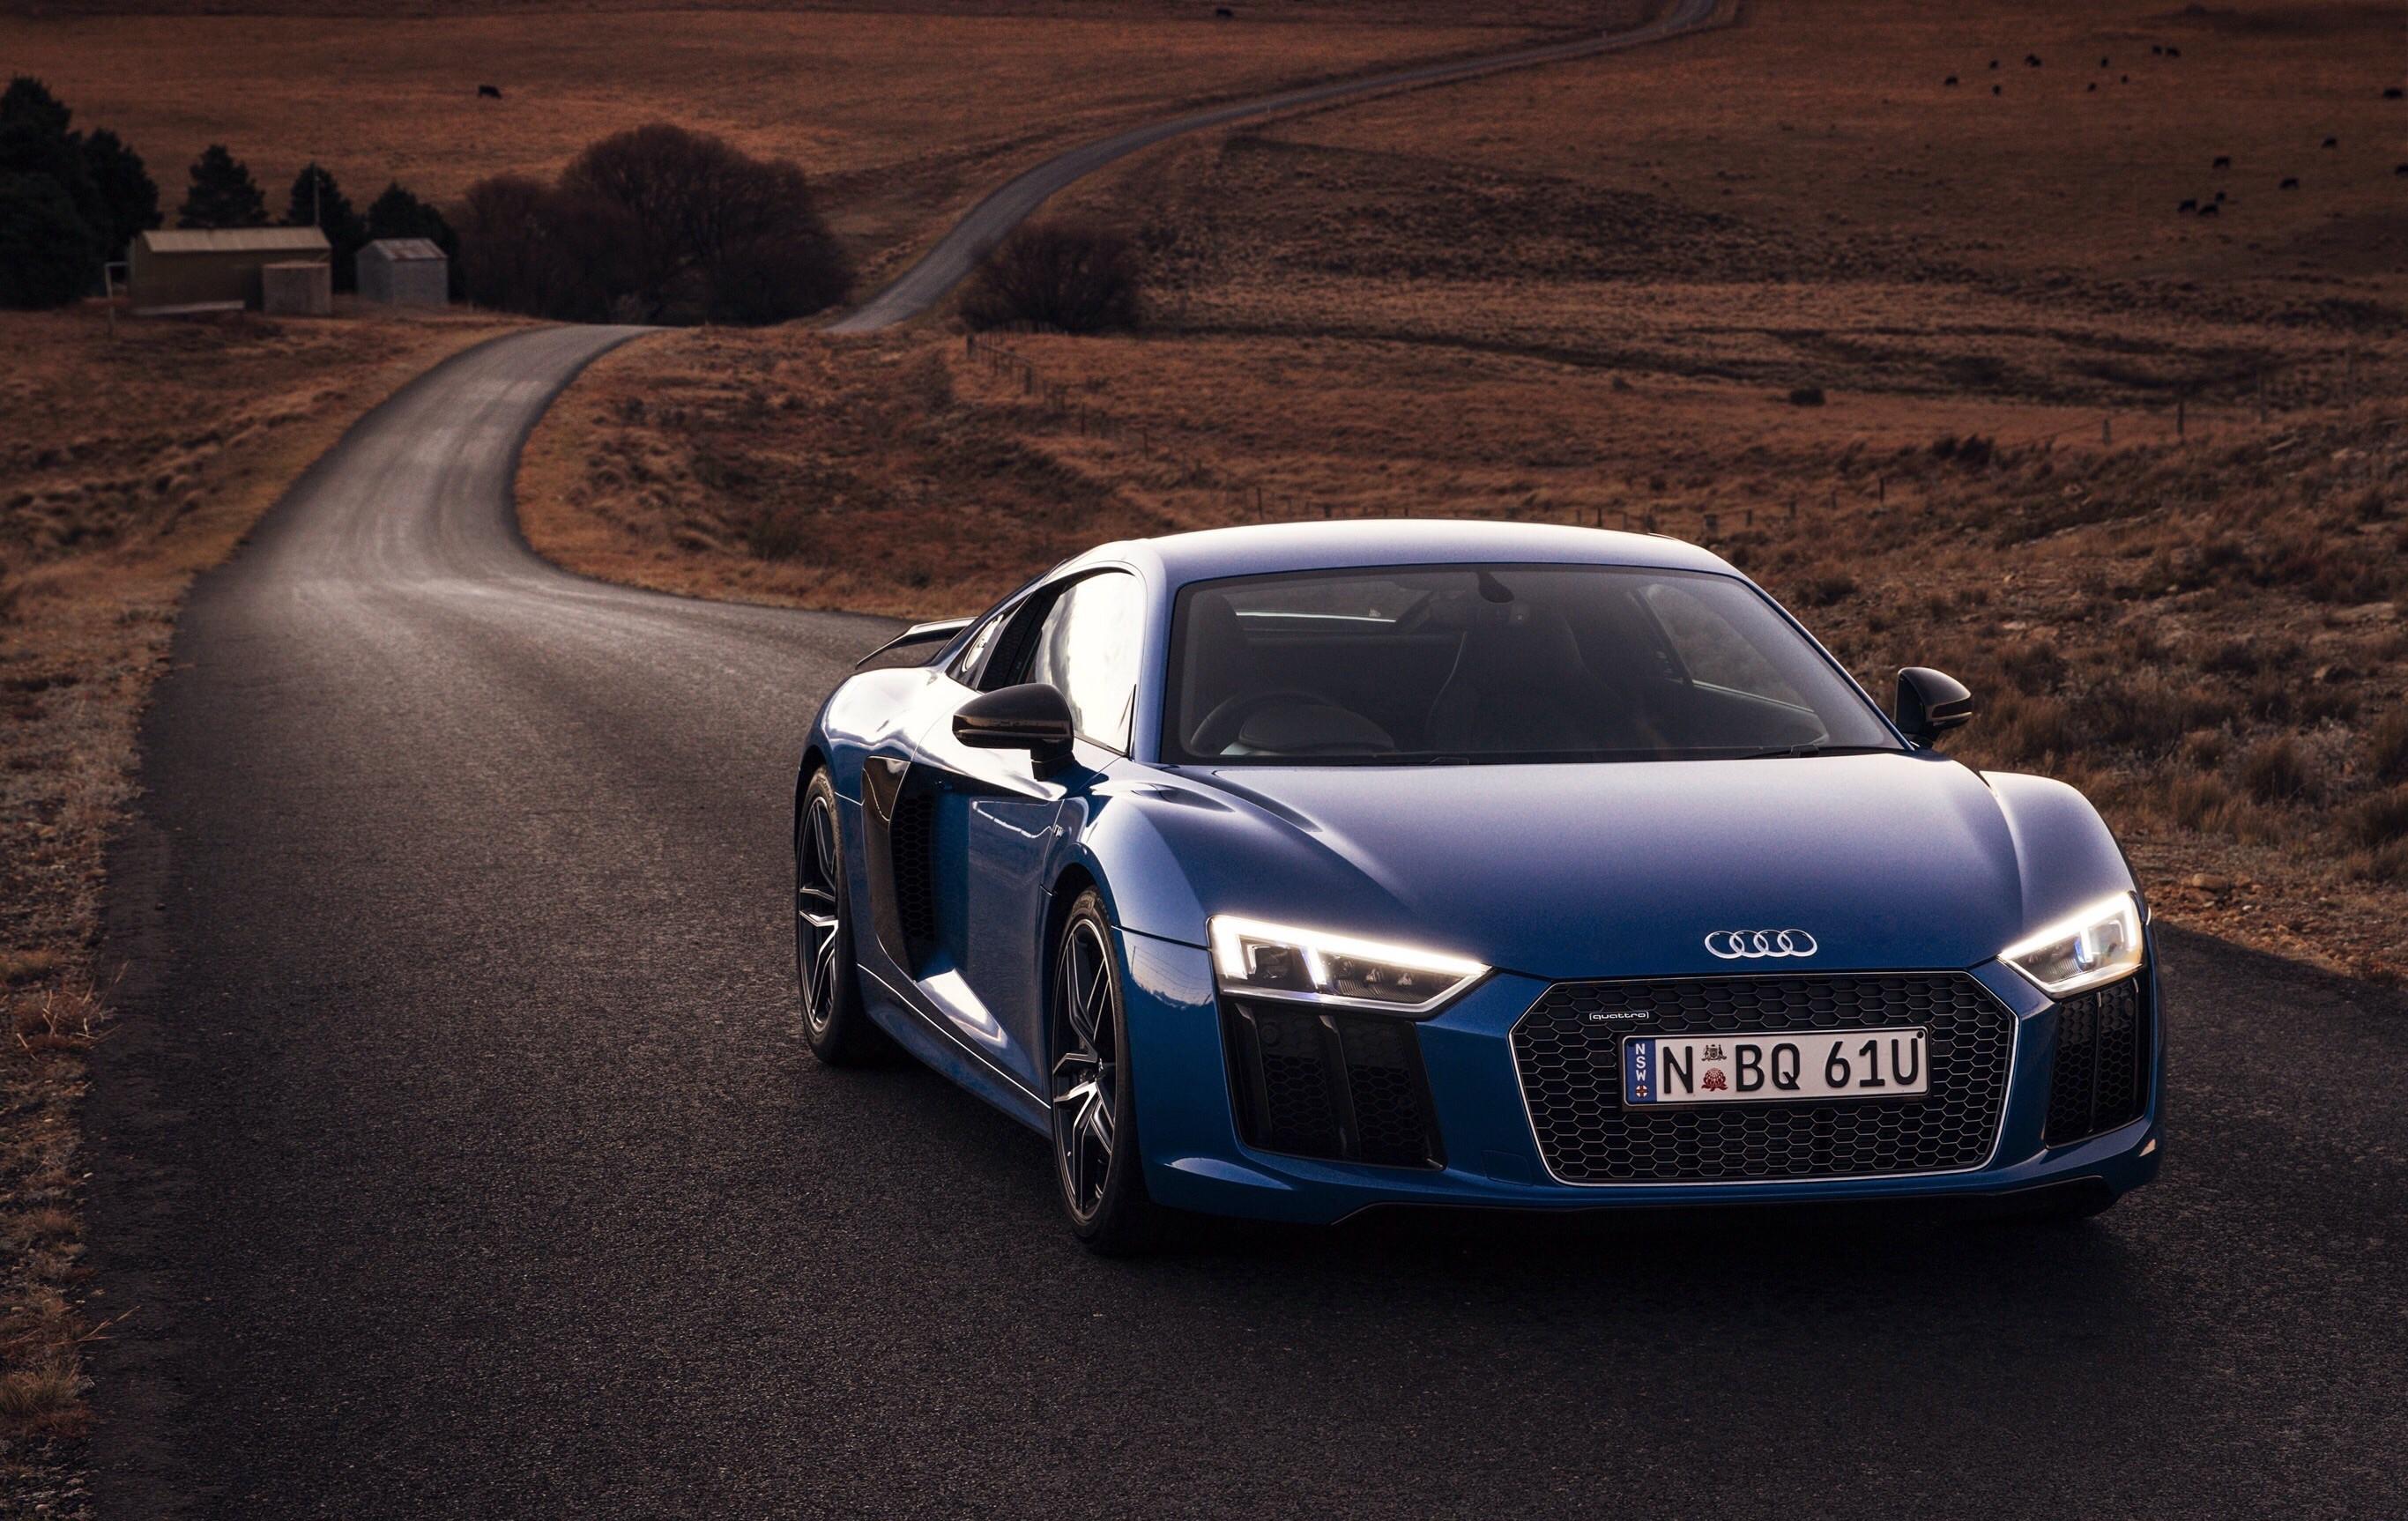 Audi R8 V10 Plus wallpaper cars Wallpaper Better 2732x1726